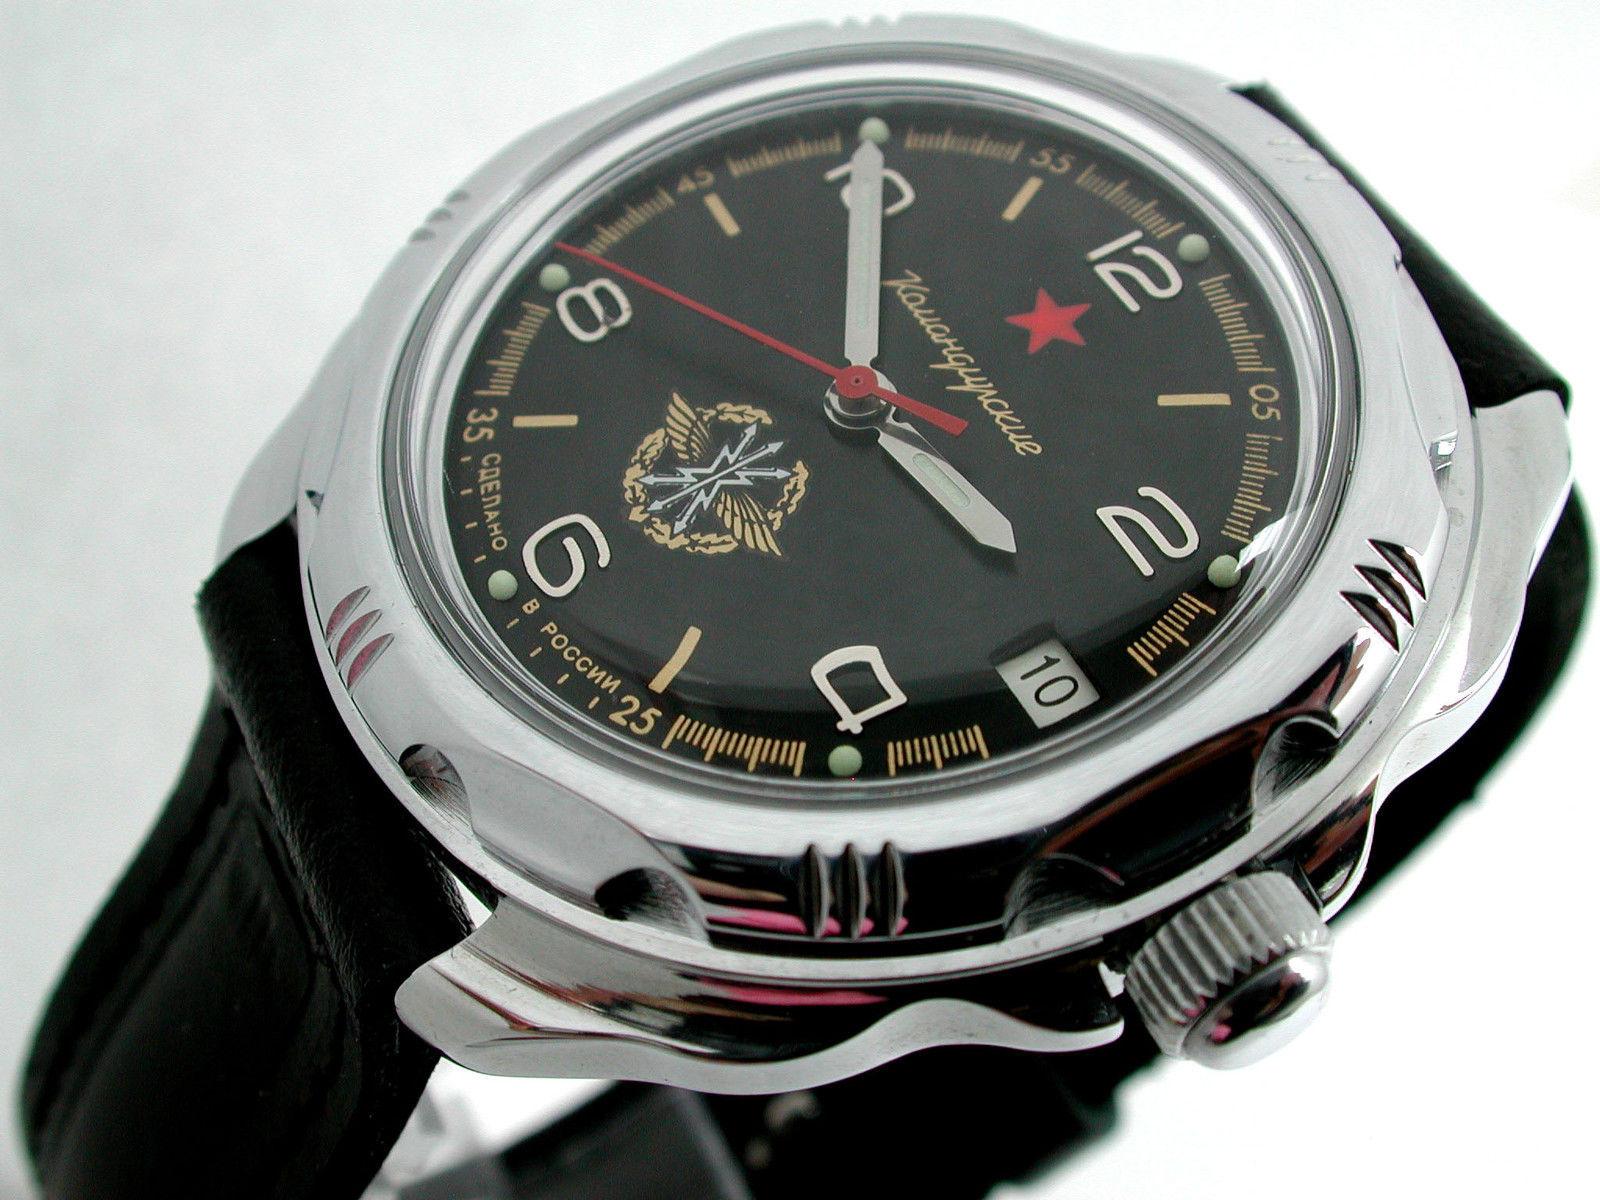 / командирские часы восток: найдено наименованийкомандирские часы восток: найдено наименований.